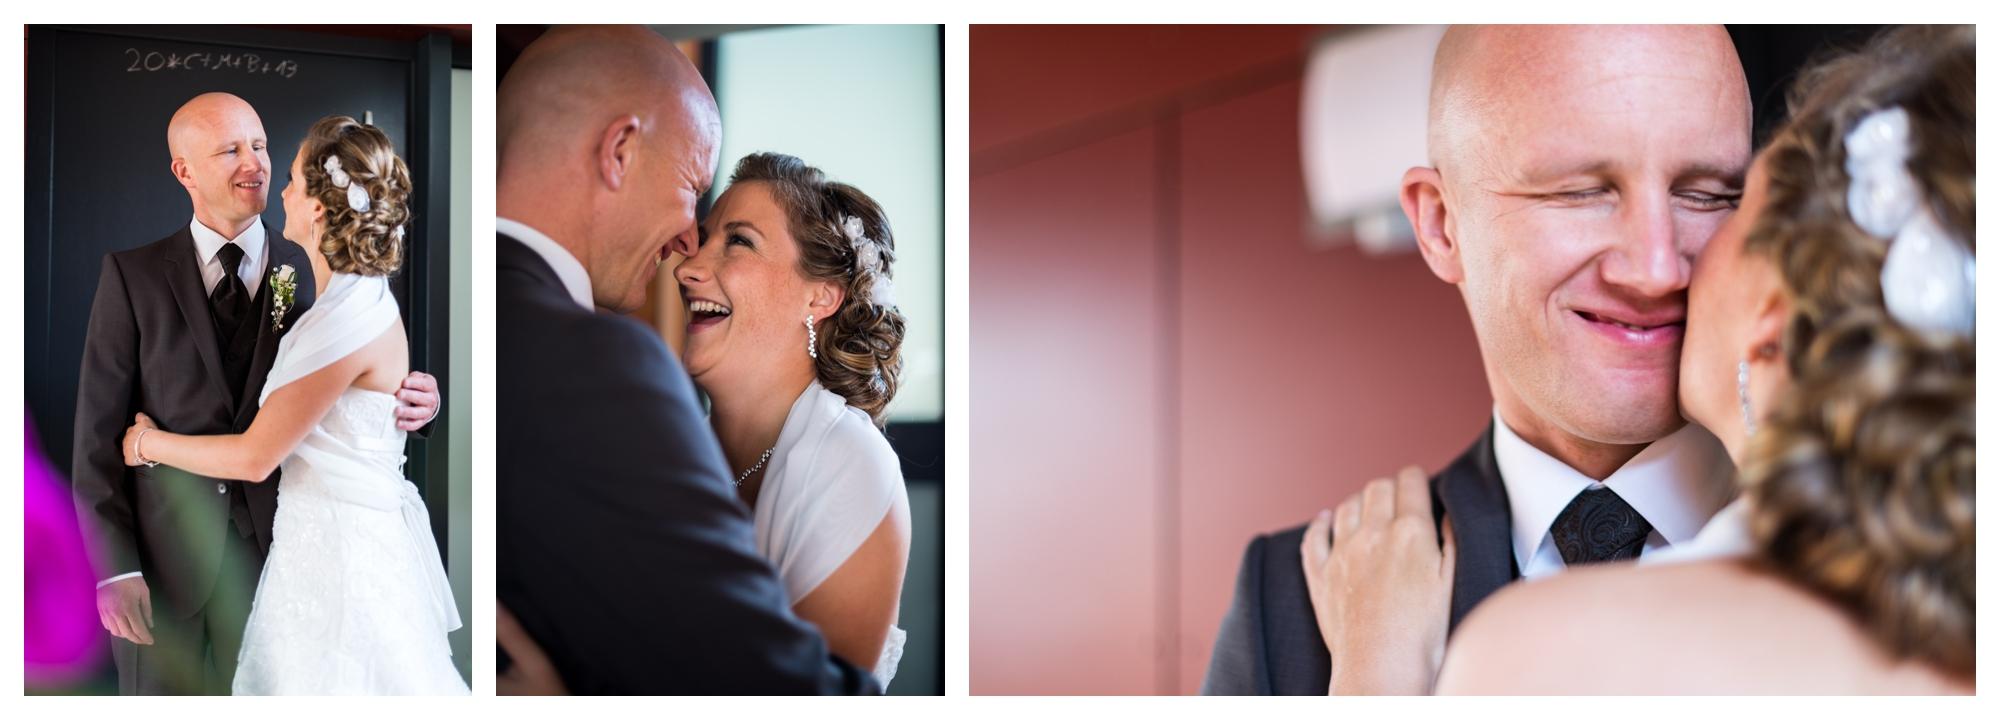 Fotograf Konstanz - 2013 12 09 0009 - Als Hochzeitsfotograf in Bad Dürrheim unterwegs  - 10 -